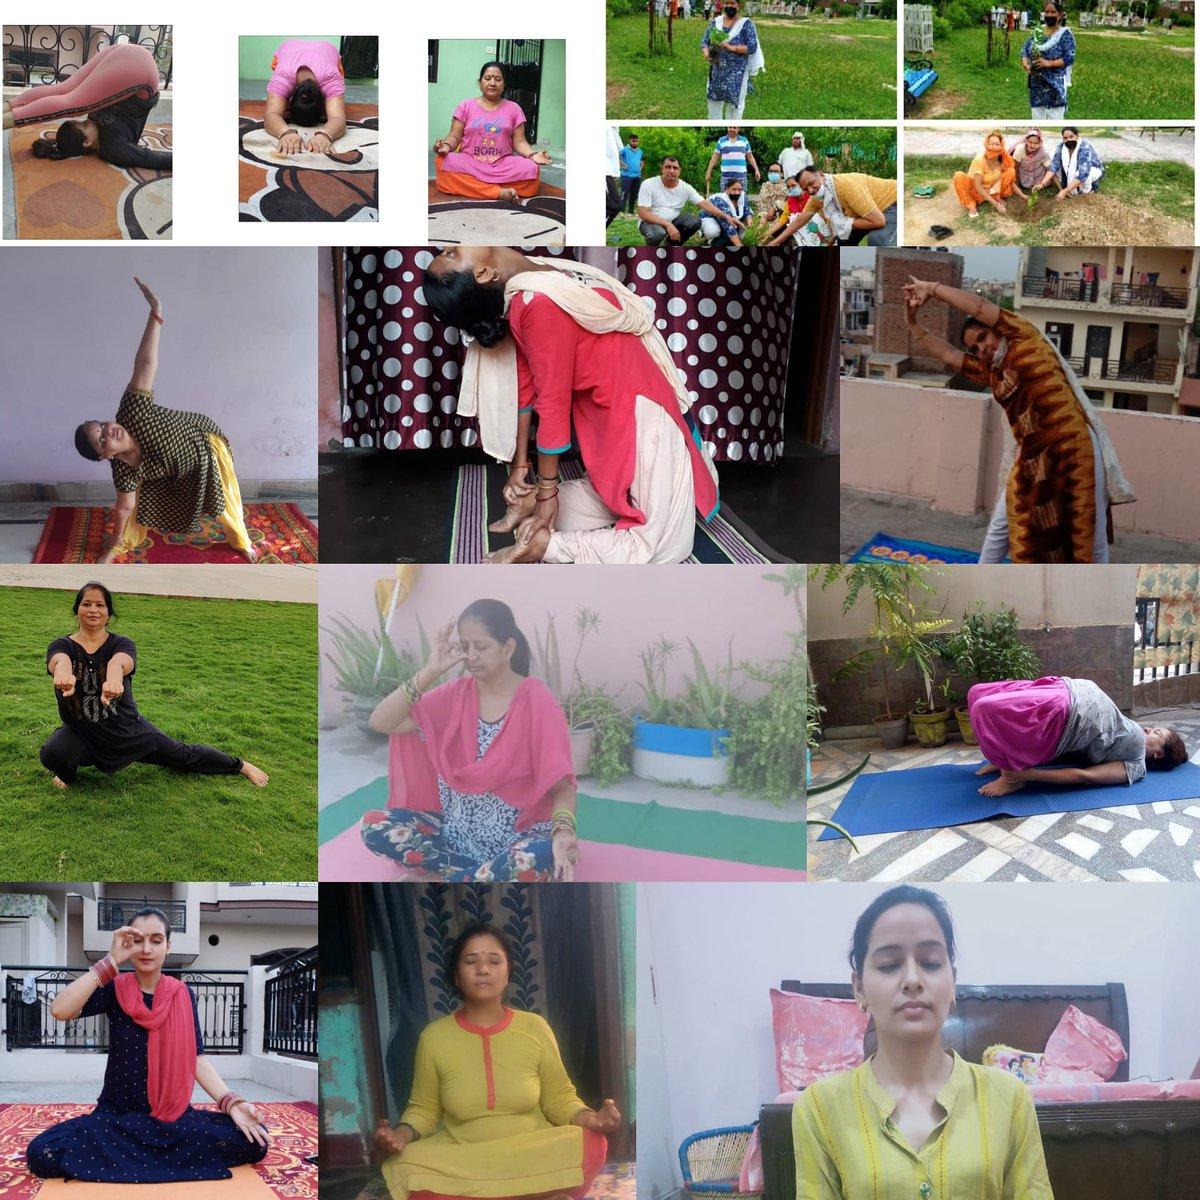 जिम में आप किसी खास अंग का ही व्यायाम कर पाते है जबकि योग से शरीर के संपूर्ण अंग प्रत्यंगों, ग्रंथियों का व्यायाम होता है।जिस वजह से हमारे सारे अंग सुचारू रूप से अपना कार्य करते है क्योंकि योग से हमारे शरीर के अंगों को बल मिलता है।इसलिए हमें नित्य नियम के साथ में योग करना चाहिए। https://t.co/RTRMqbrpyJ